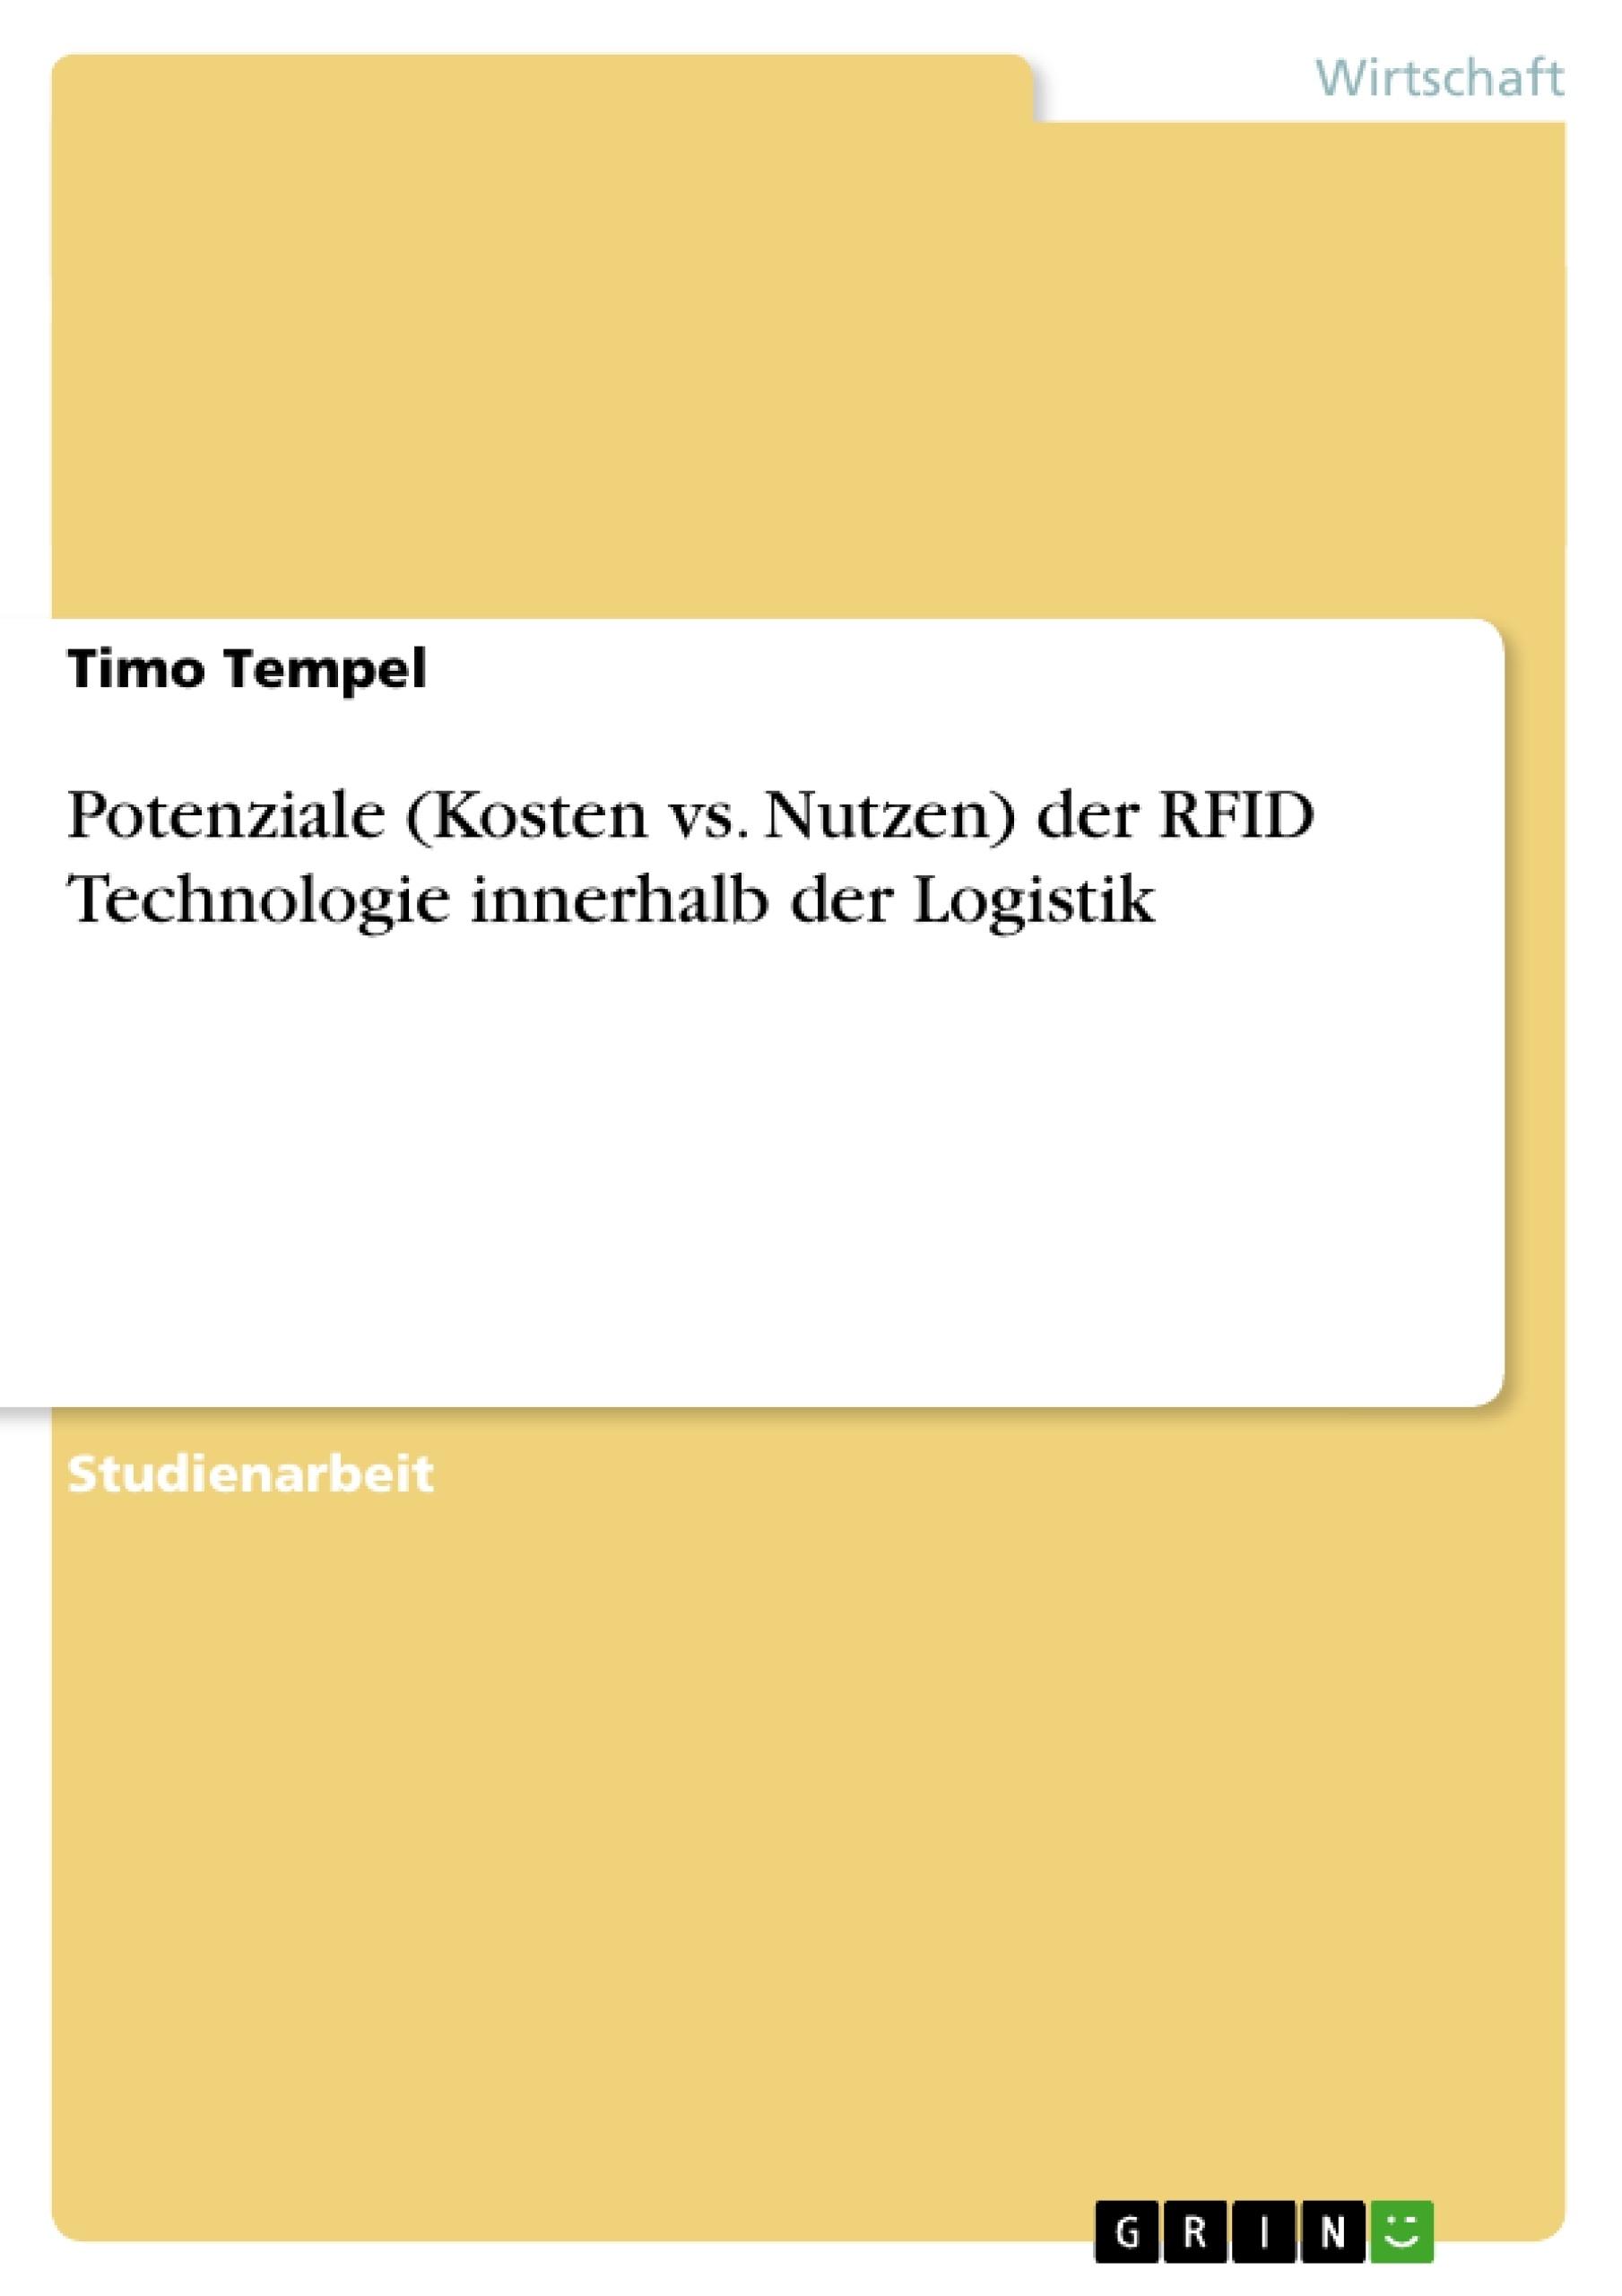 Titel: Potenziale (Kosten vs. Nutzen) der RFID Technologie innerhalb der Logistik